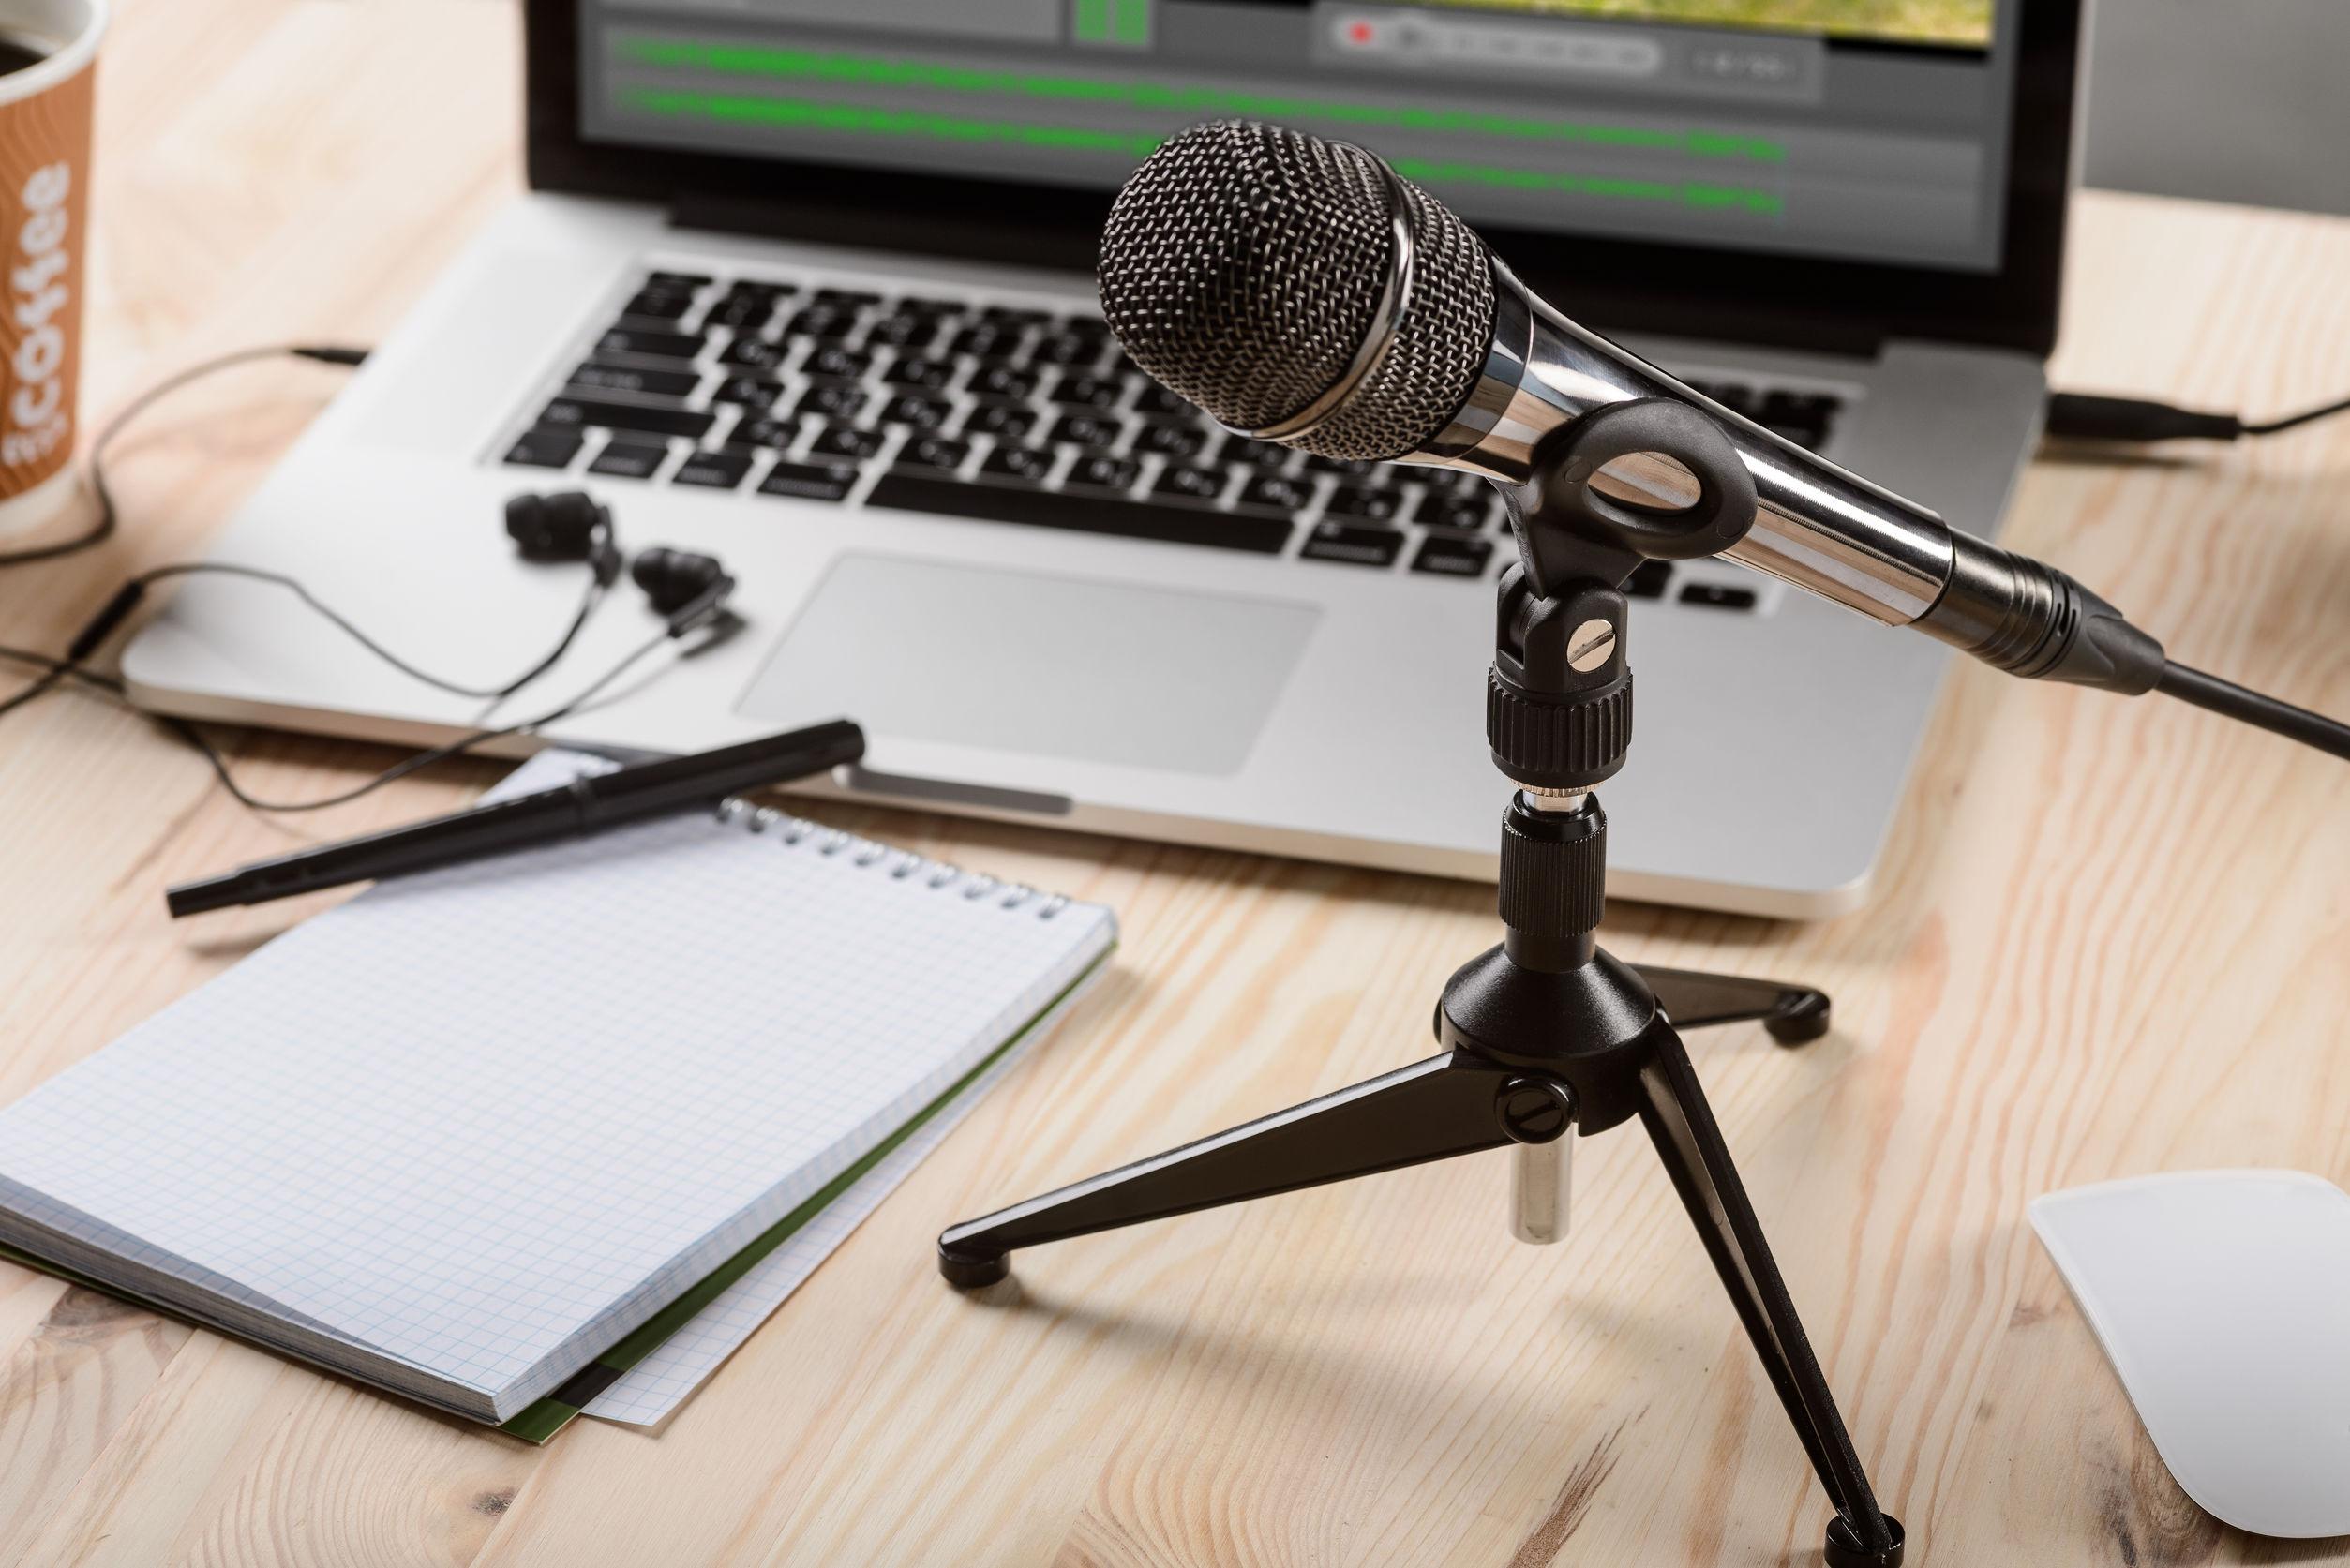 Micrófonos para ordenador: ¿Cuál es el mejor del 2021?